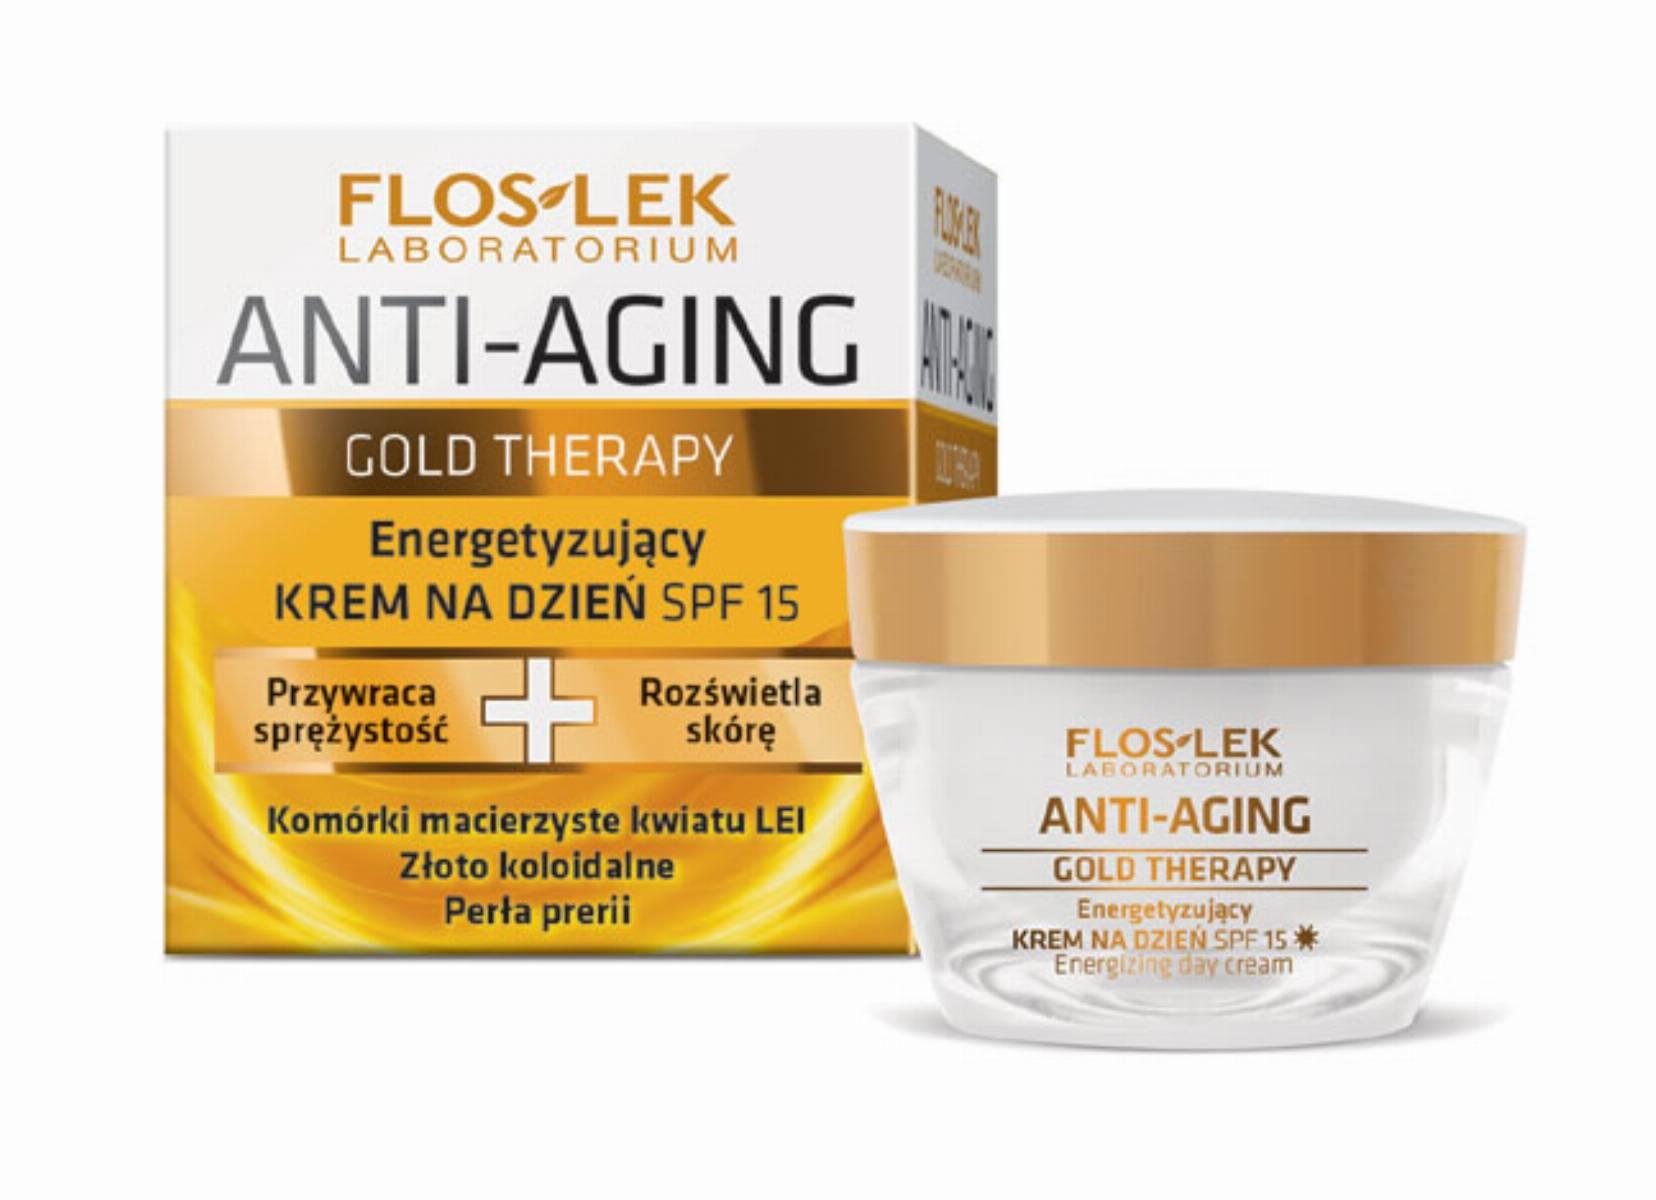 FLOSLEK Gold Therapy - energetyzujacy krem na dzien SPF 15